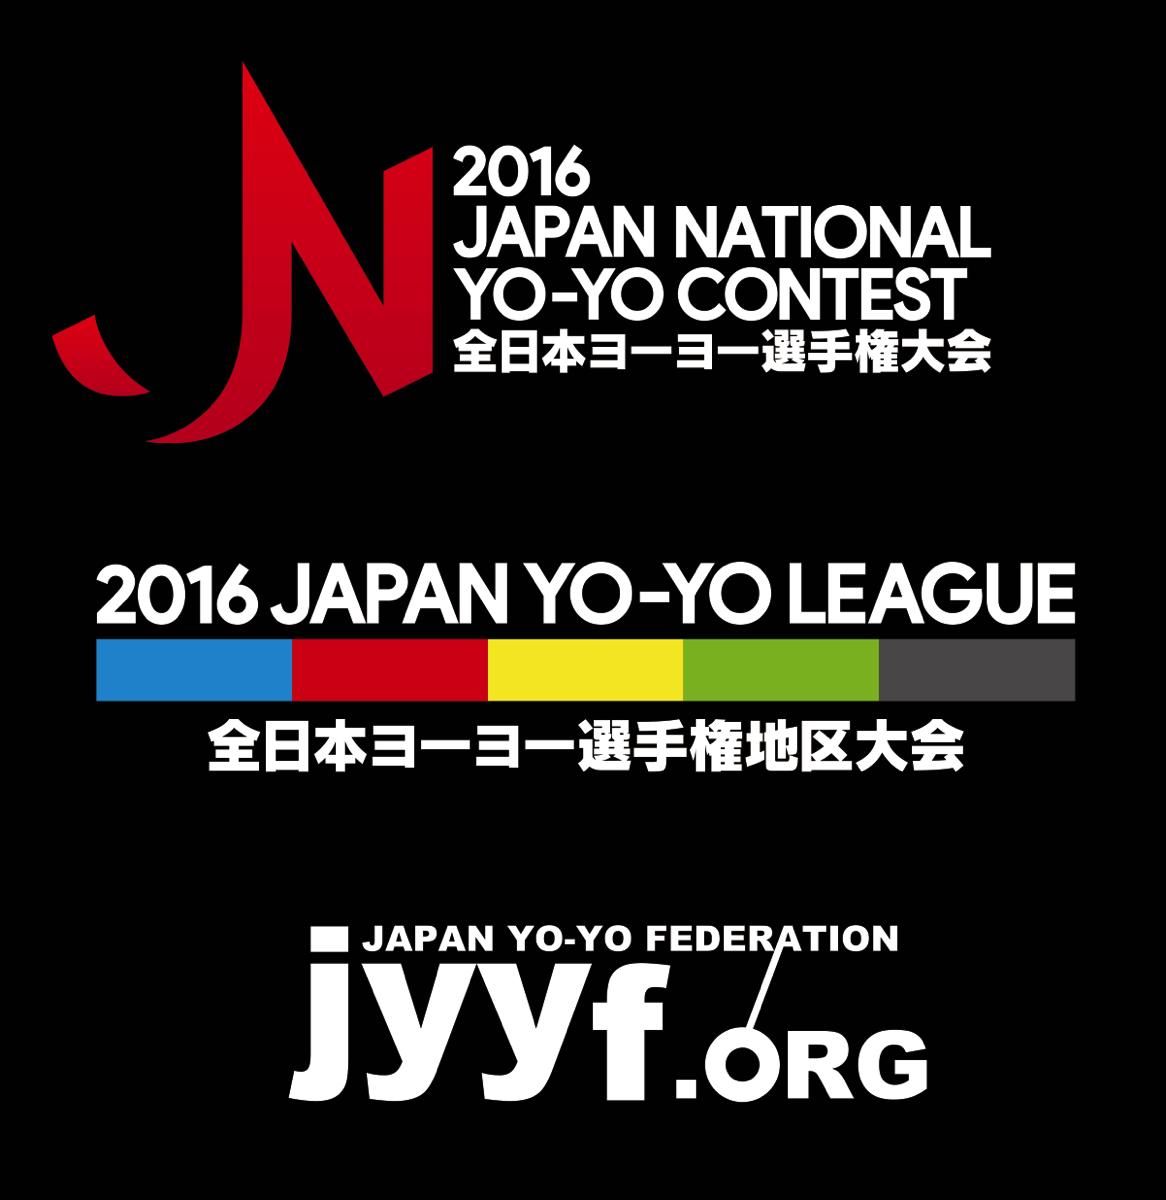 Japan Yo-Yo Federation